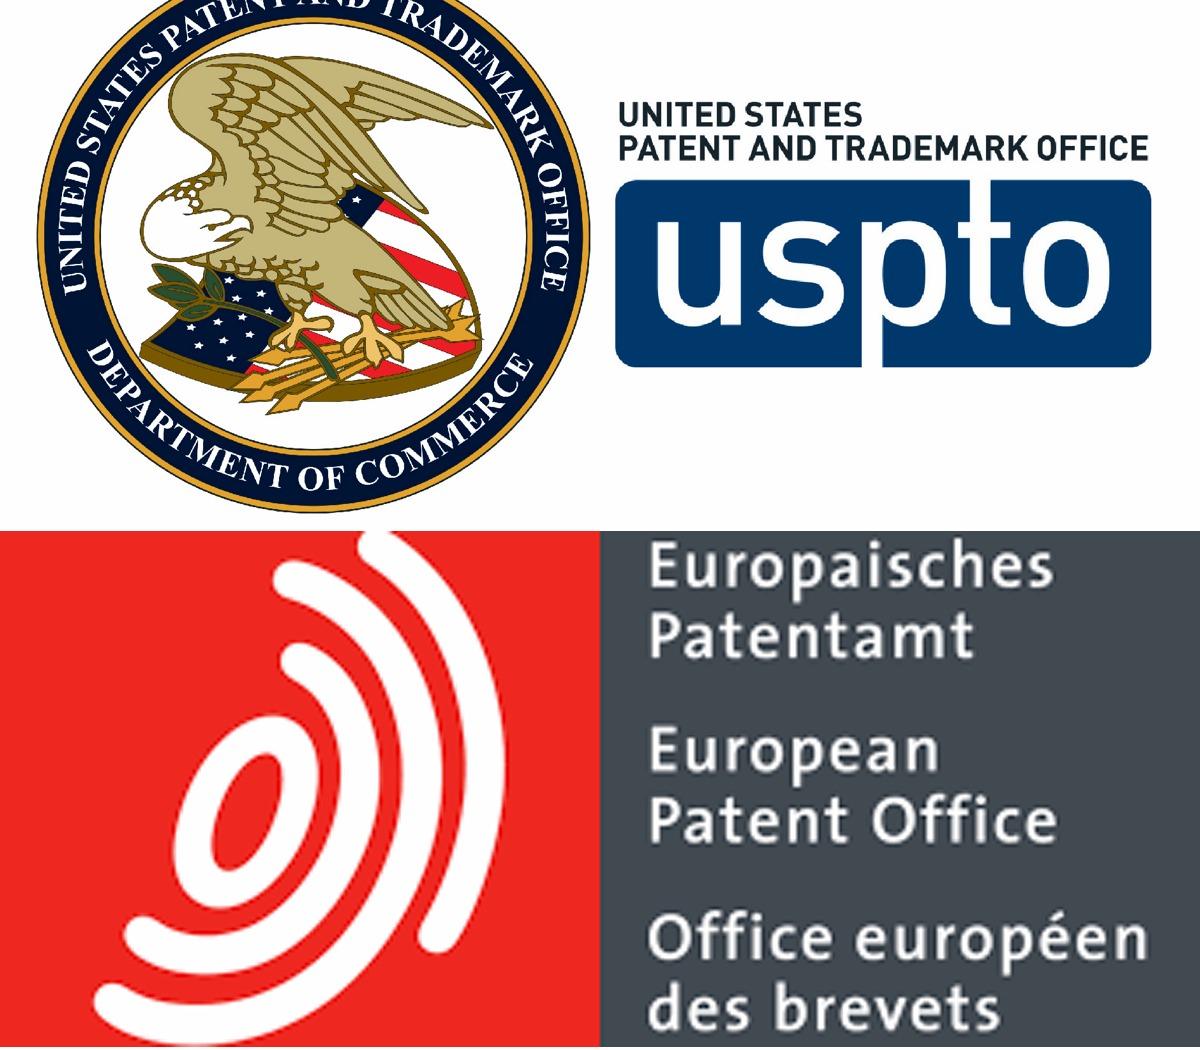 USPTO EPO logos